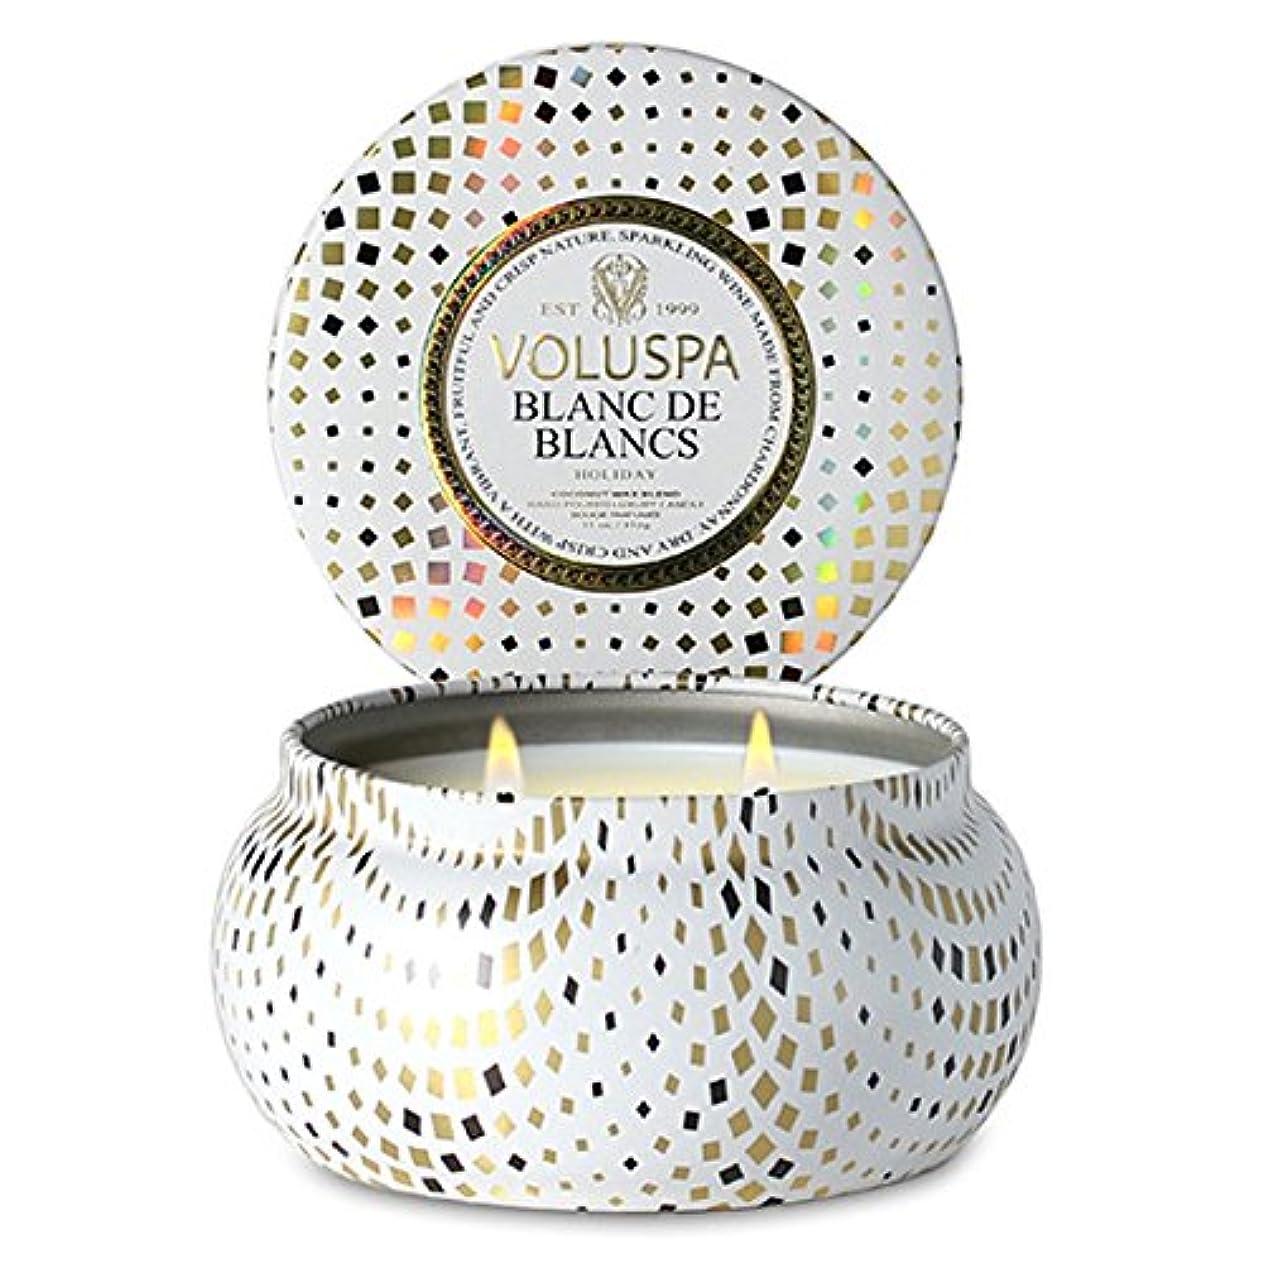 難民フレア適度なVoluspa ボルスパ メゾンホリデー 2-Wick ティンキャンドル ブラン ド ブラン BLANC DE BLANCS MASION HOLIDAY 2-ウィック Tin Glass Candle